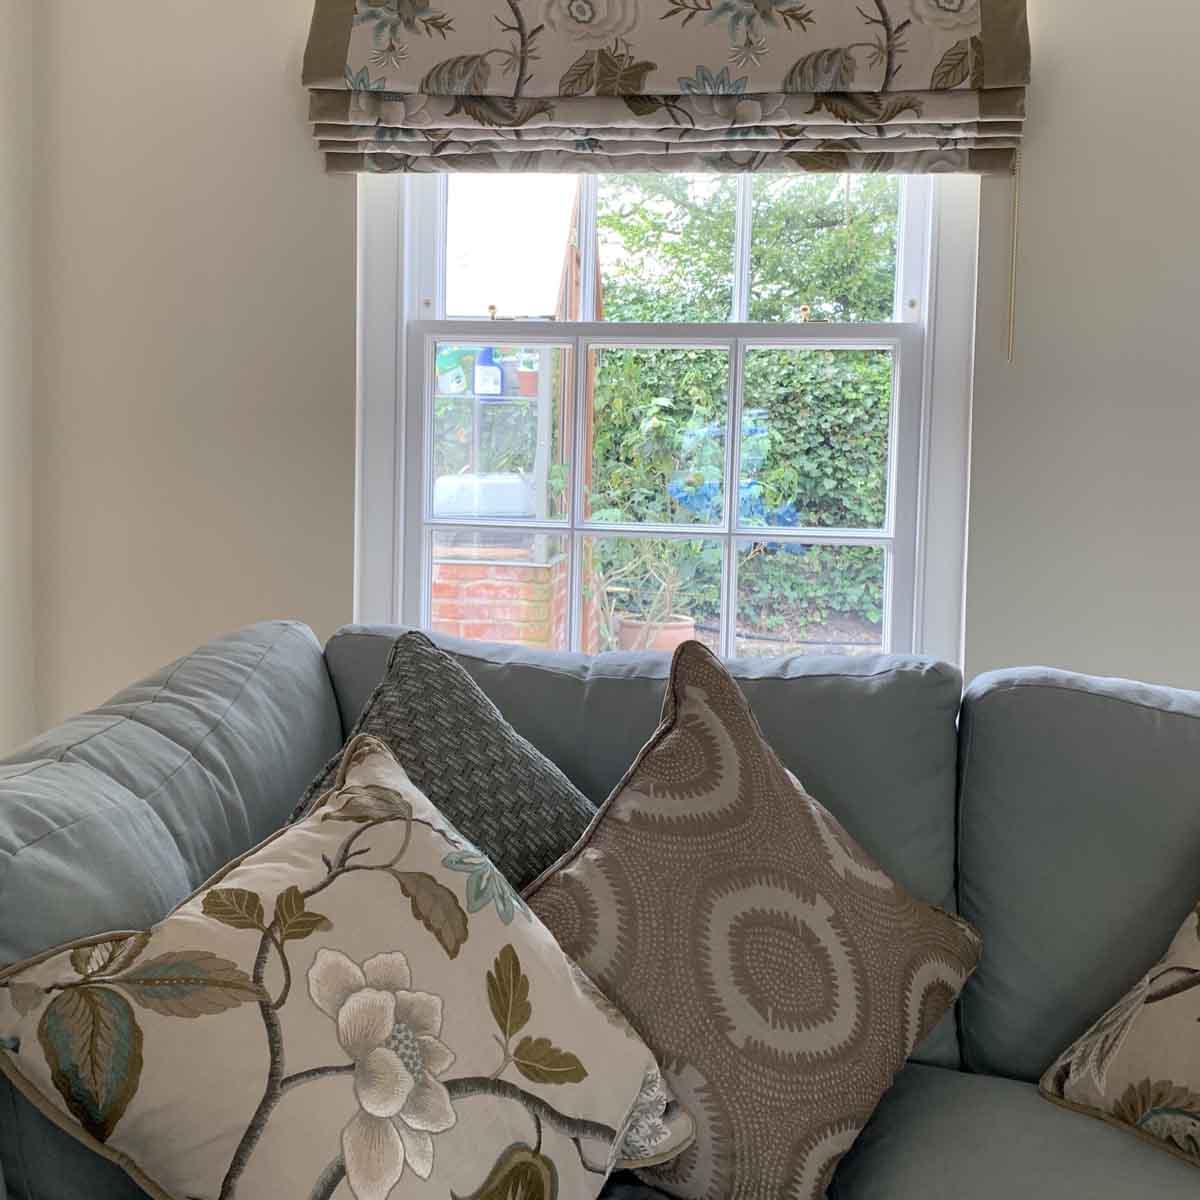 Living spaces interior design